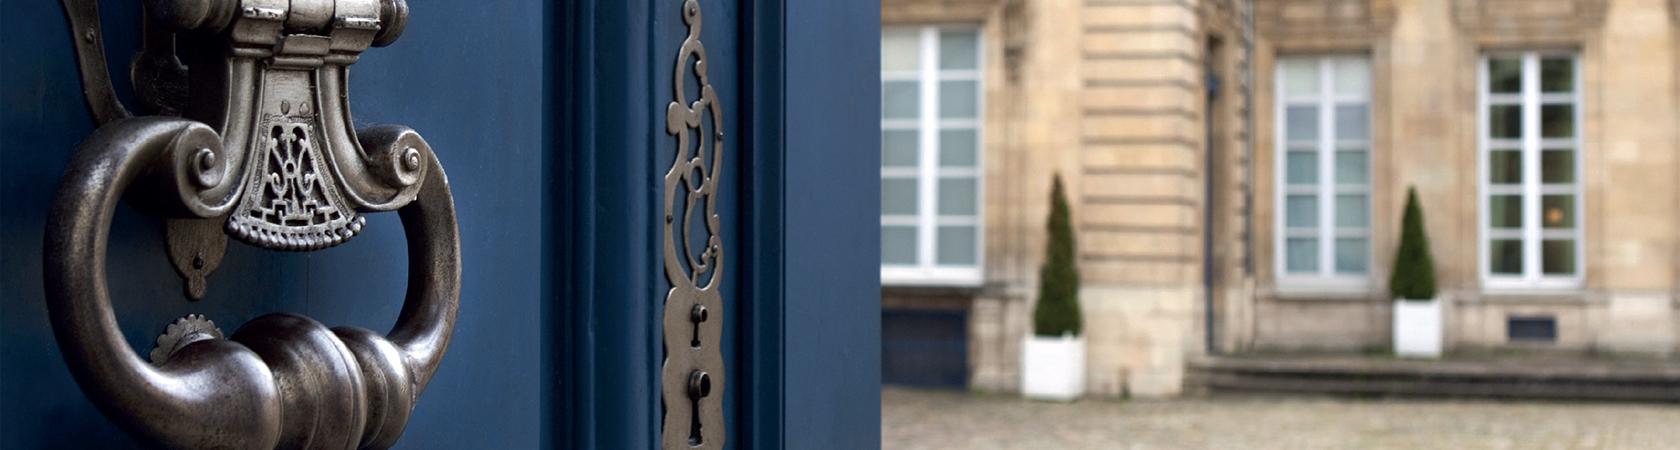 Actualités et vidéos - MBA Luxury Communication & Strategies EFAP Paris Part-Time